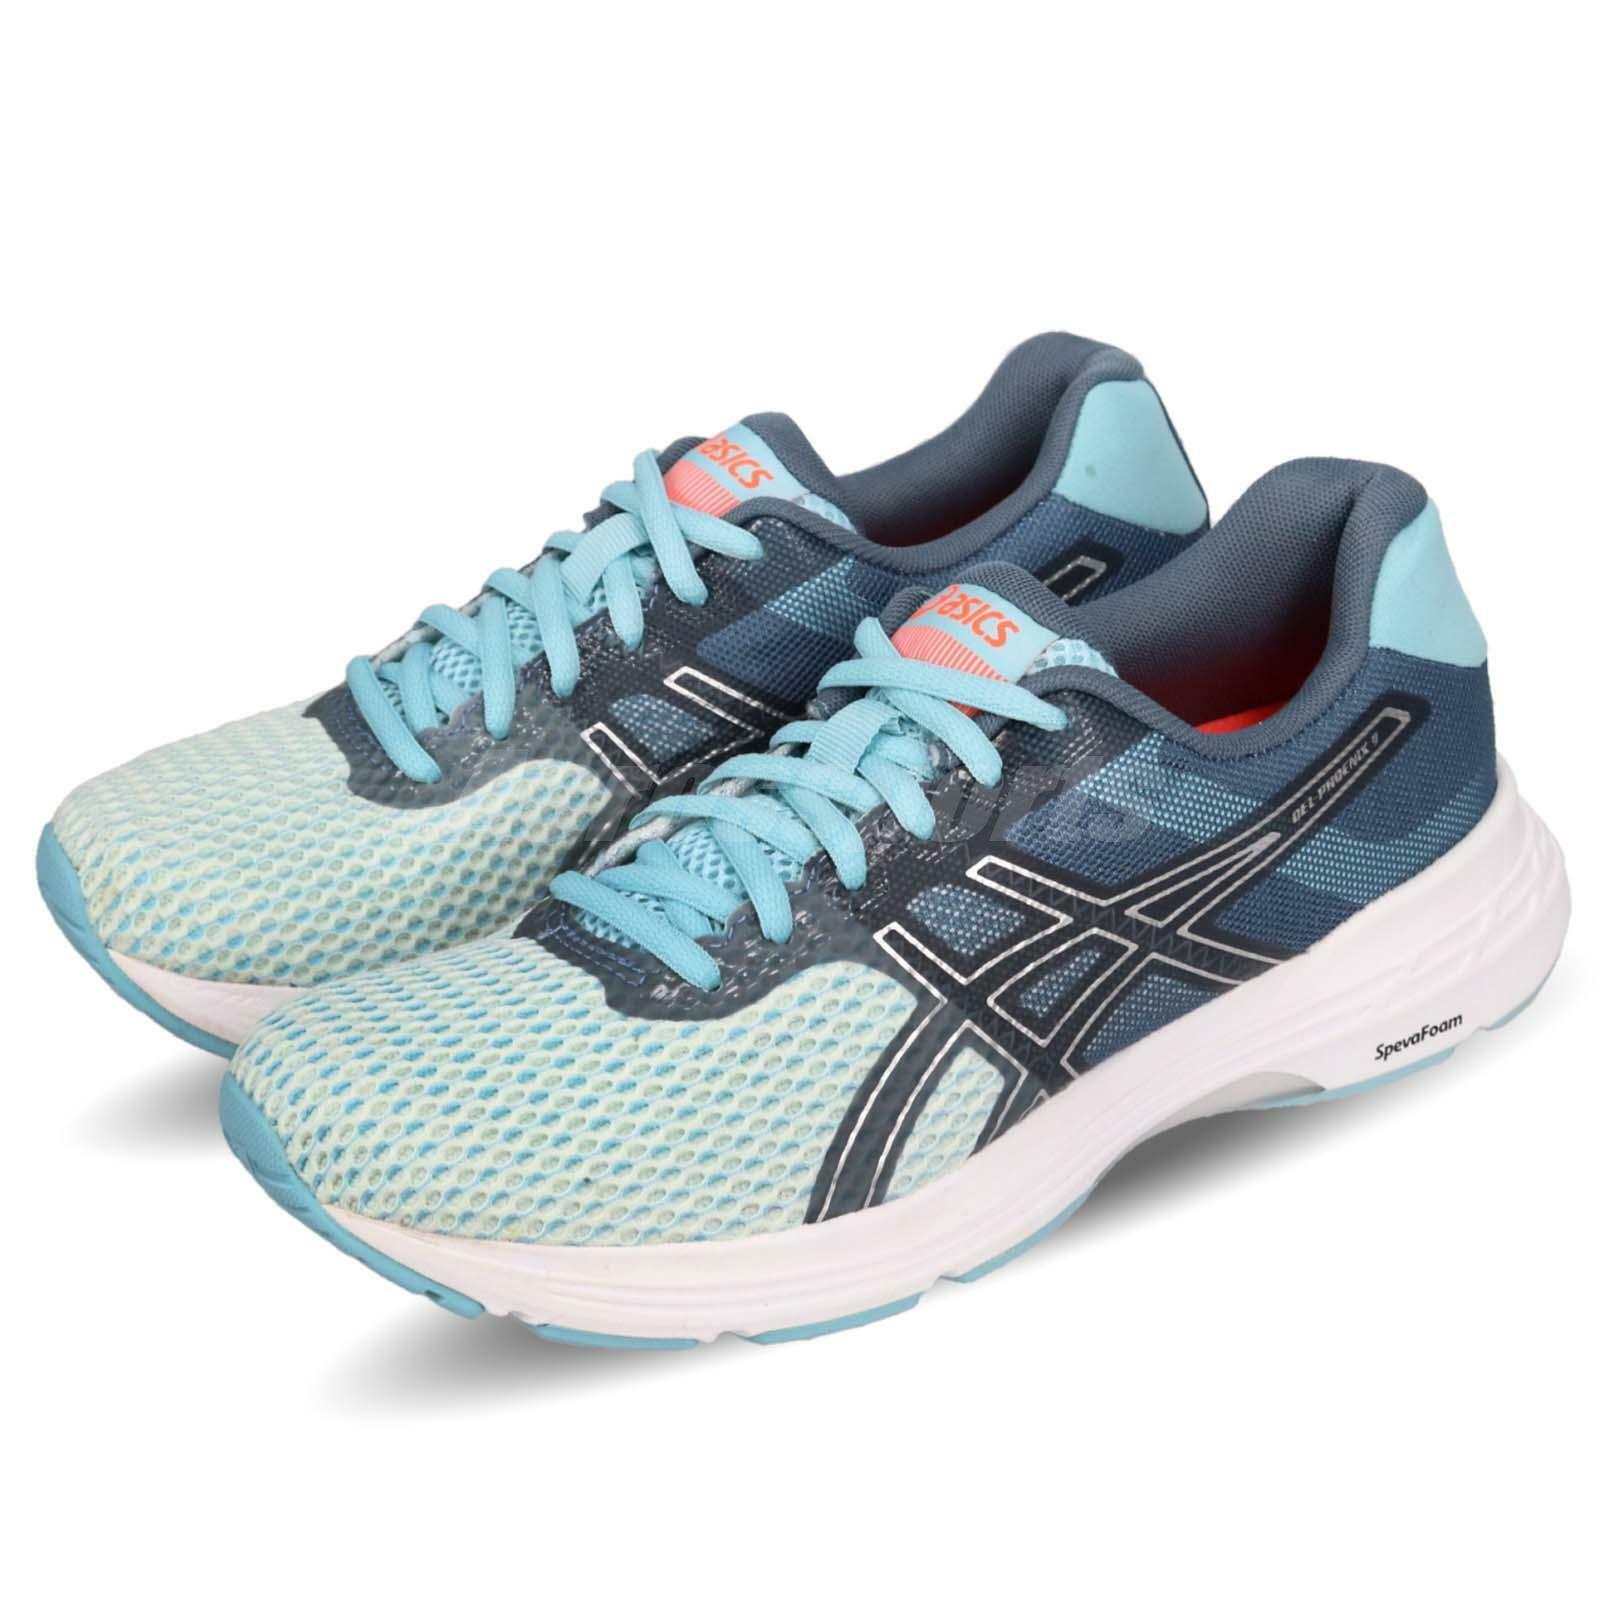 Asics Gel Phoenix 9 blå silver vit kvinnor Löpning skor skor T872N-1493